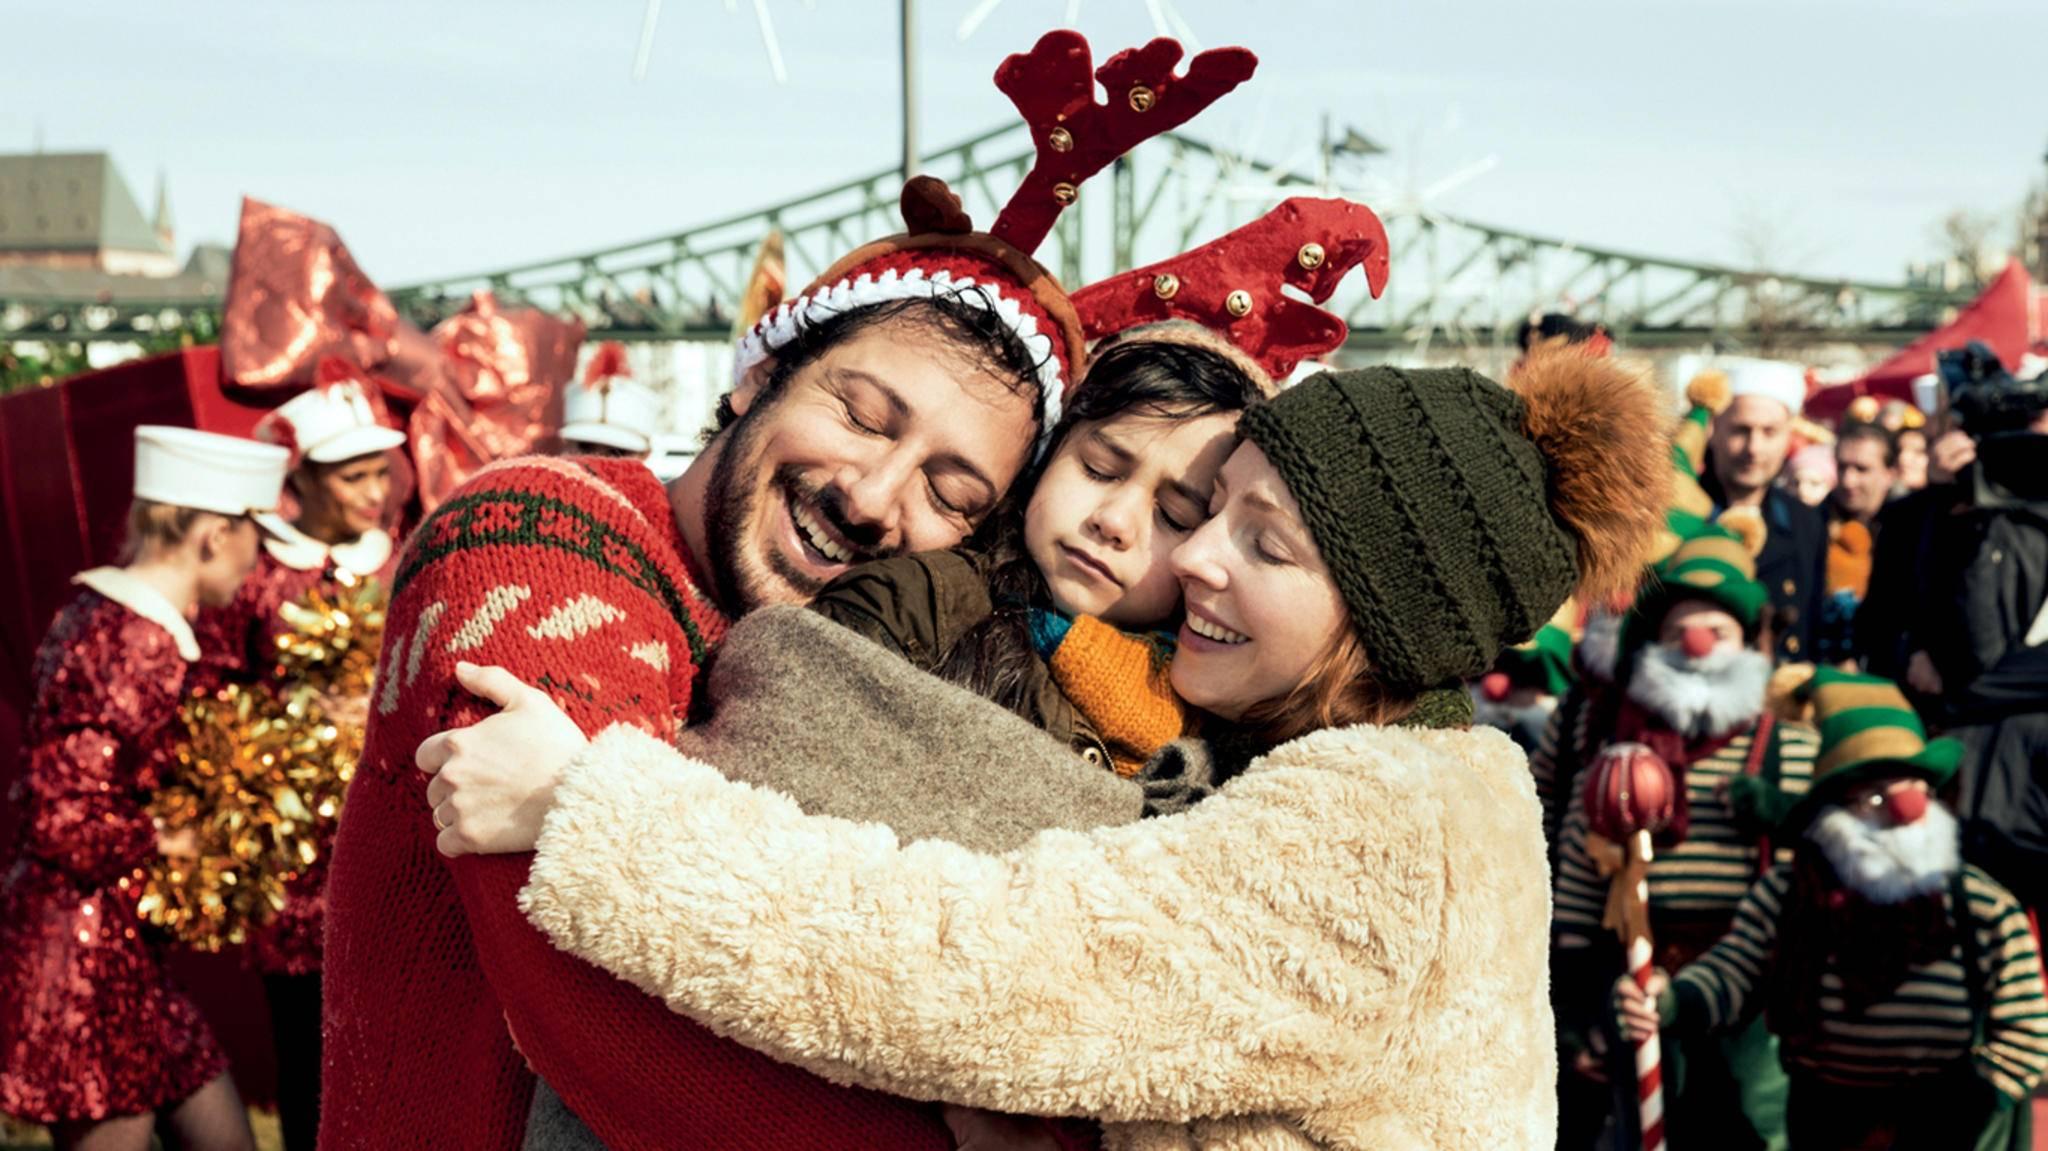 alles ist liebe fahri yardim weihnachten familie